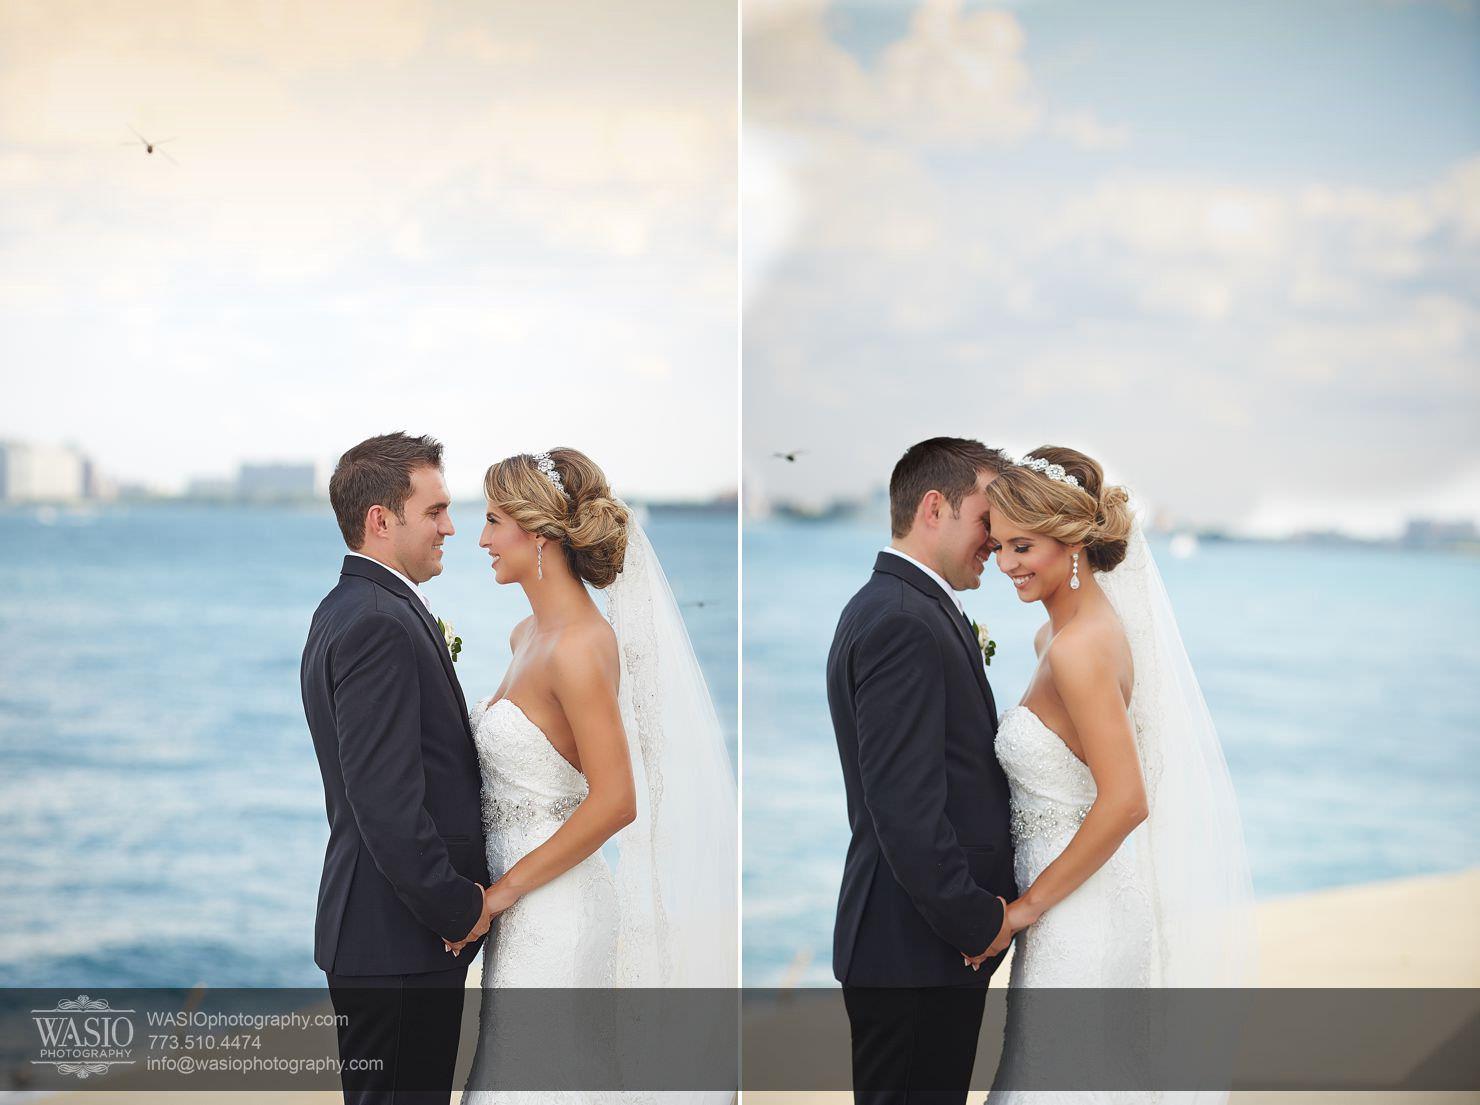 25_Chicago-Summer-Wedding_22_Angelica_fdsfs Chicago Summer Wedding - Angelica & Pawel